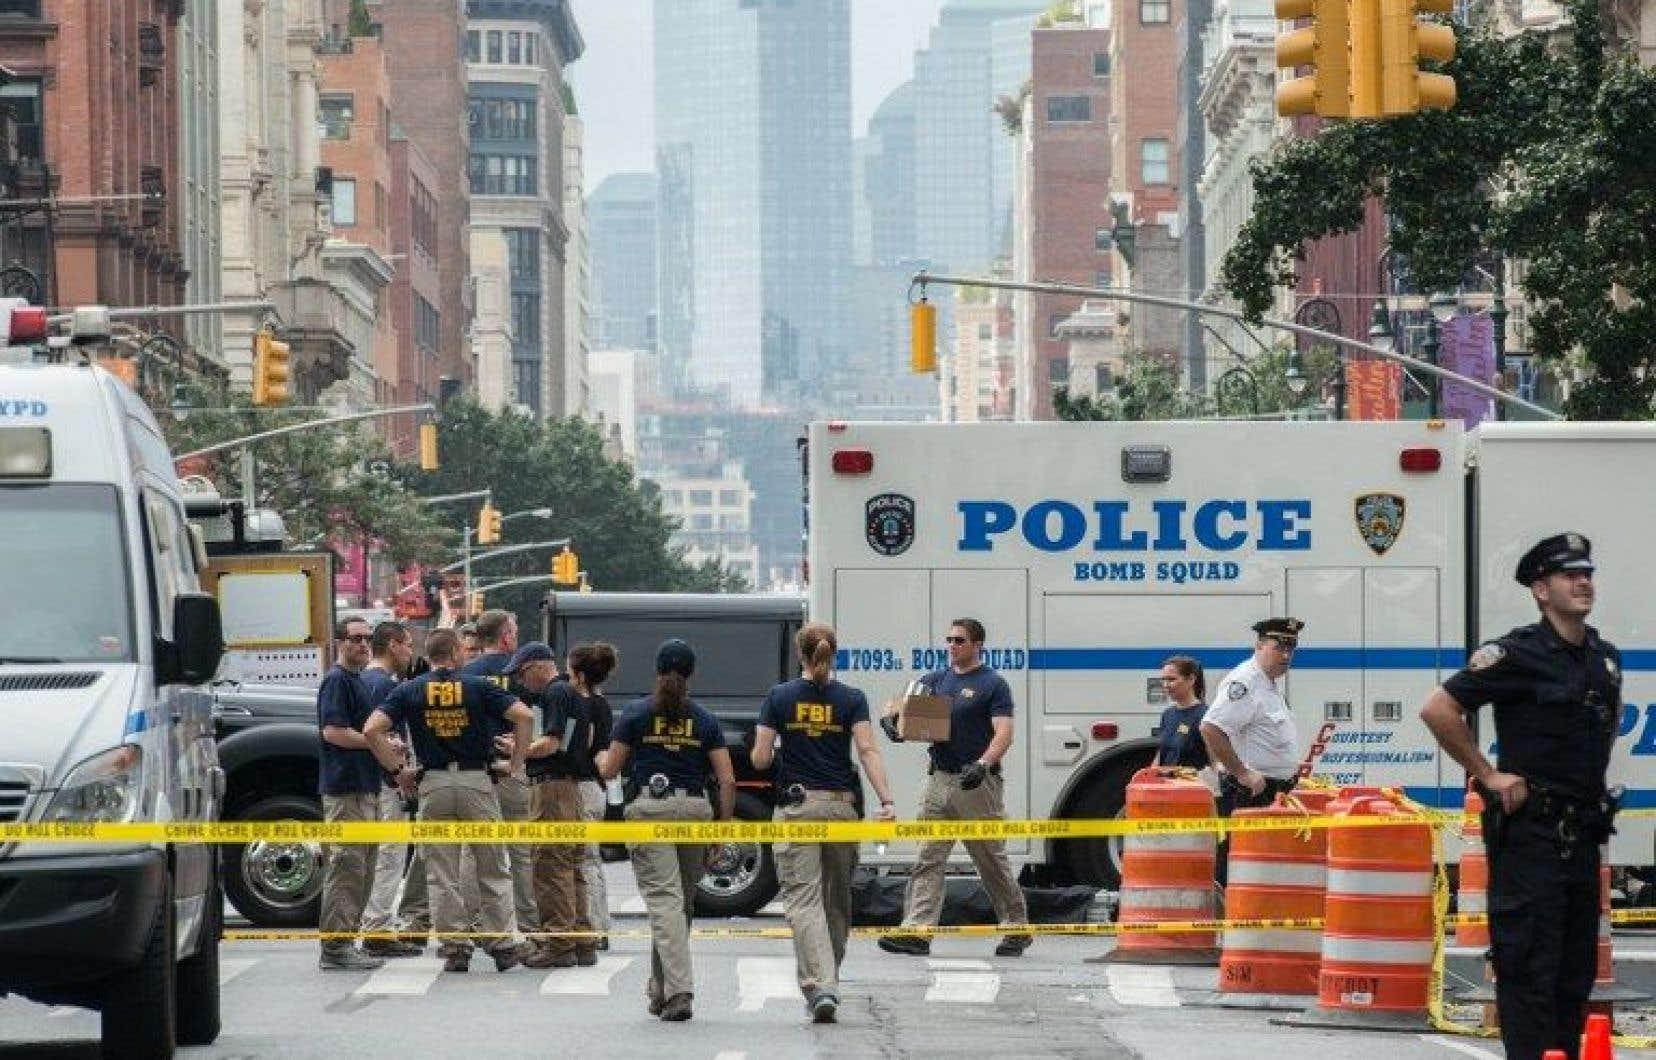 New York a été secouée samedi soir par l'explosion d'un engin dans le quartier animé de Chelsea.